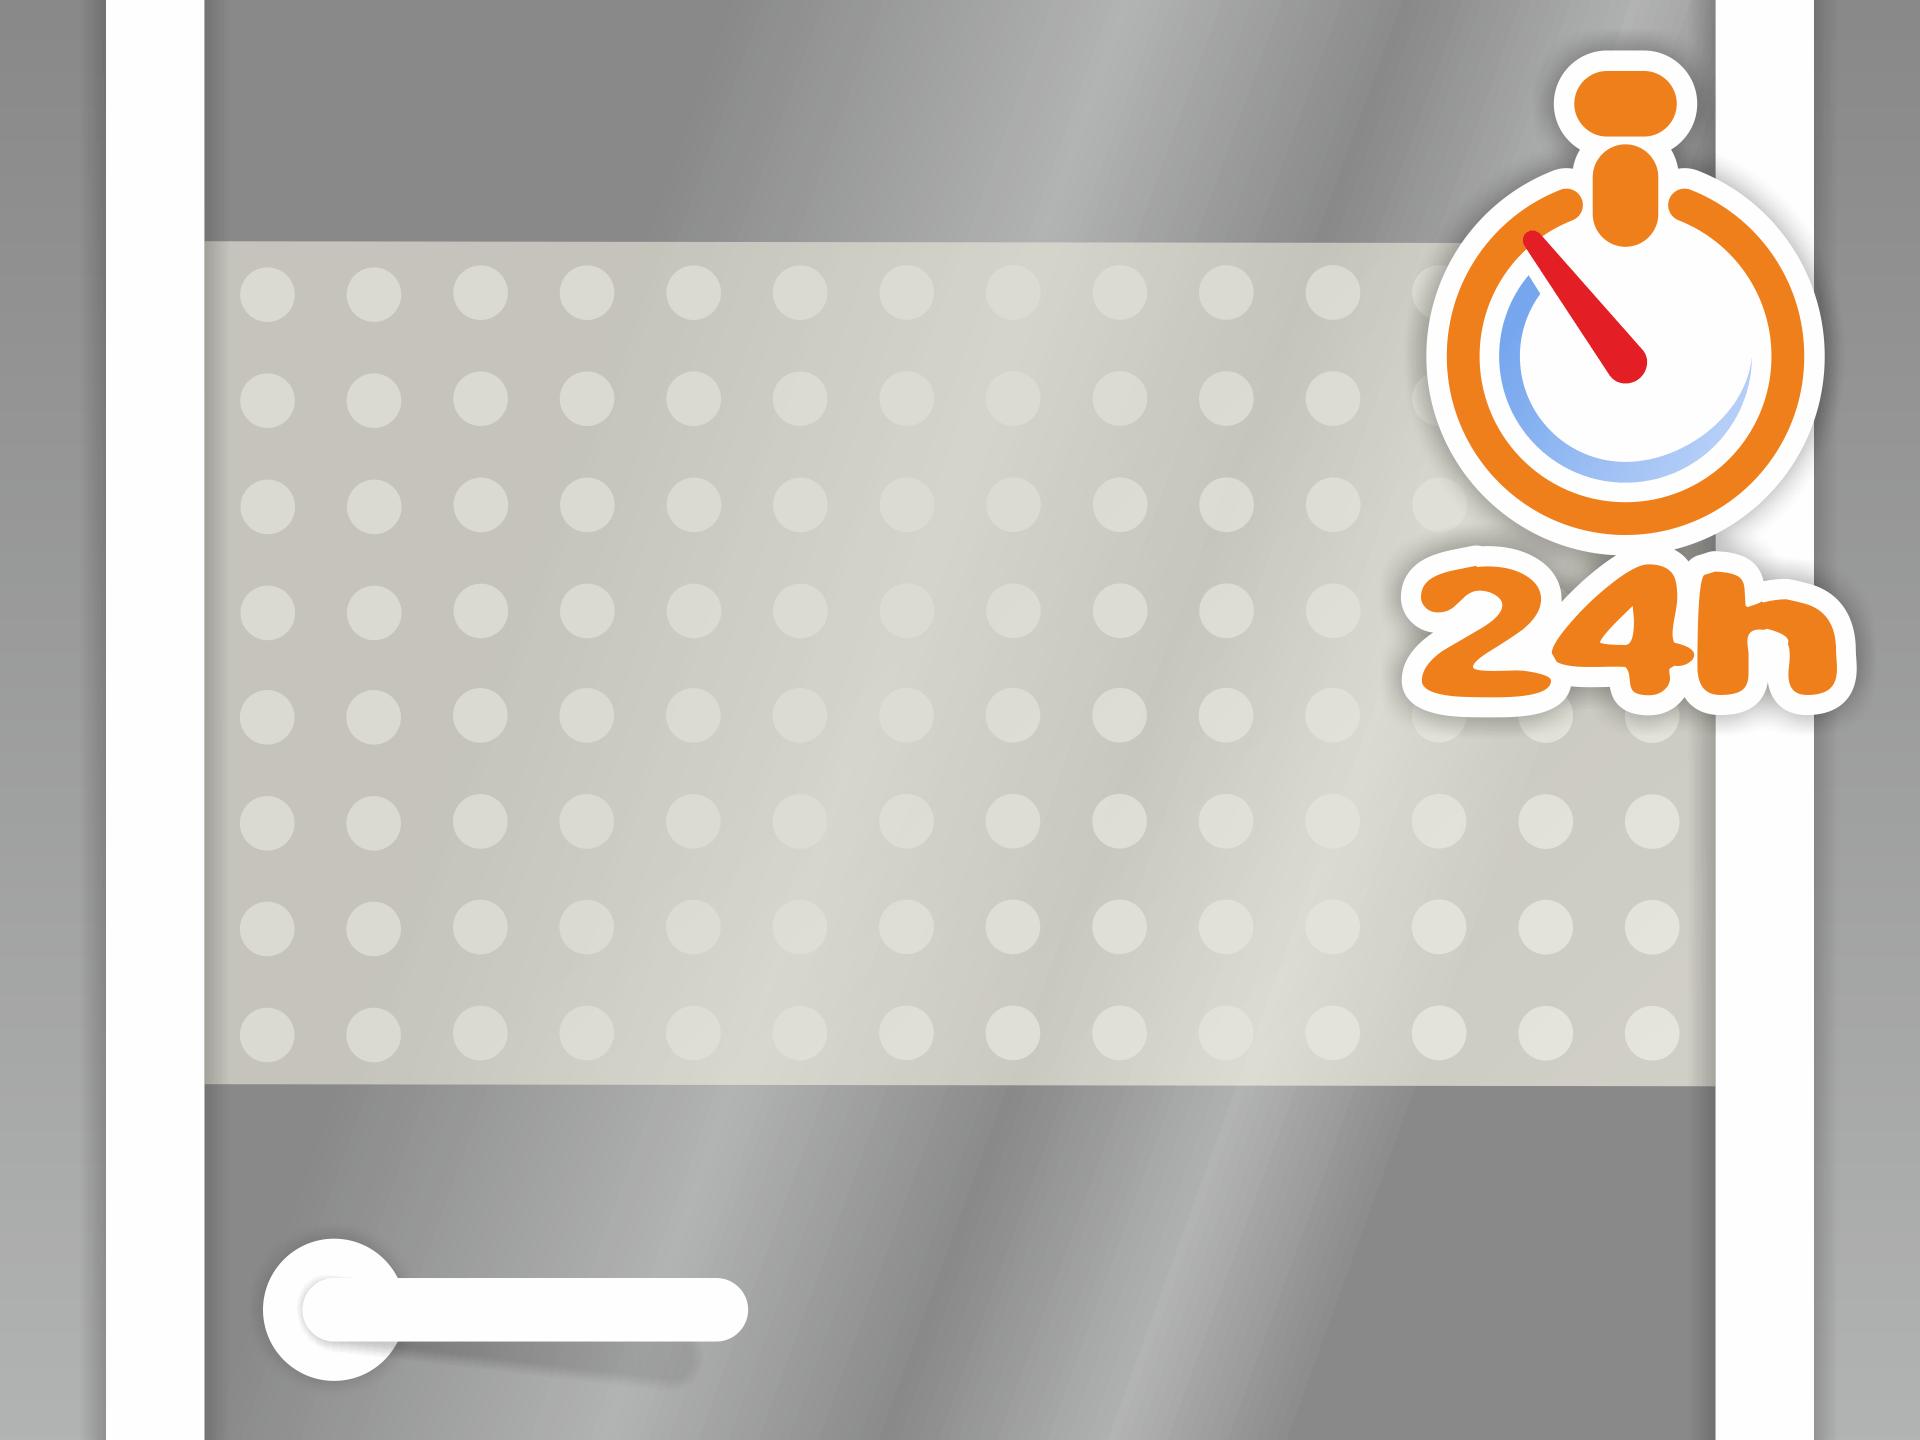 Jetzt sollte die Folie ca. 24h trocknen. Je nach Umgebungstemperatur kann die Trockenzeit leicht variieren. Sollte sich die Übertragungsfolie (wie in Schritt 8 beschrieben) nicht lösen lassen ohne dass das Muster auf dem Glas kleben bleibt, dann benötigt die Folie weitere Trockenzeit.